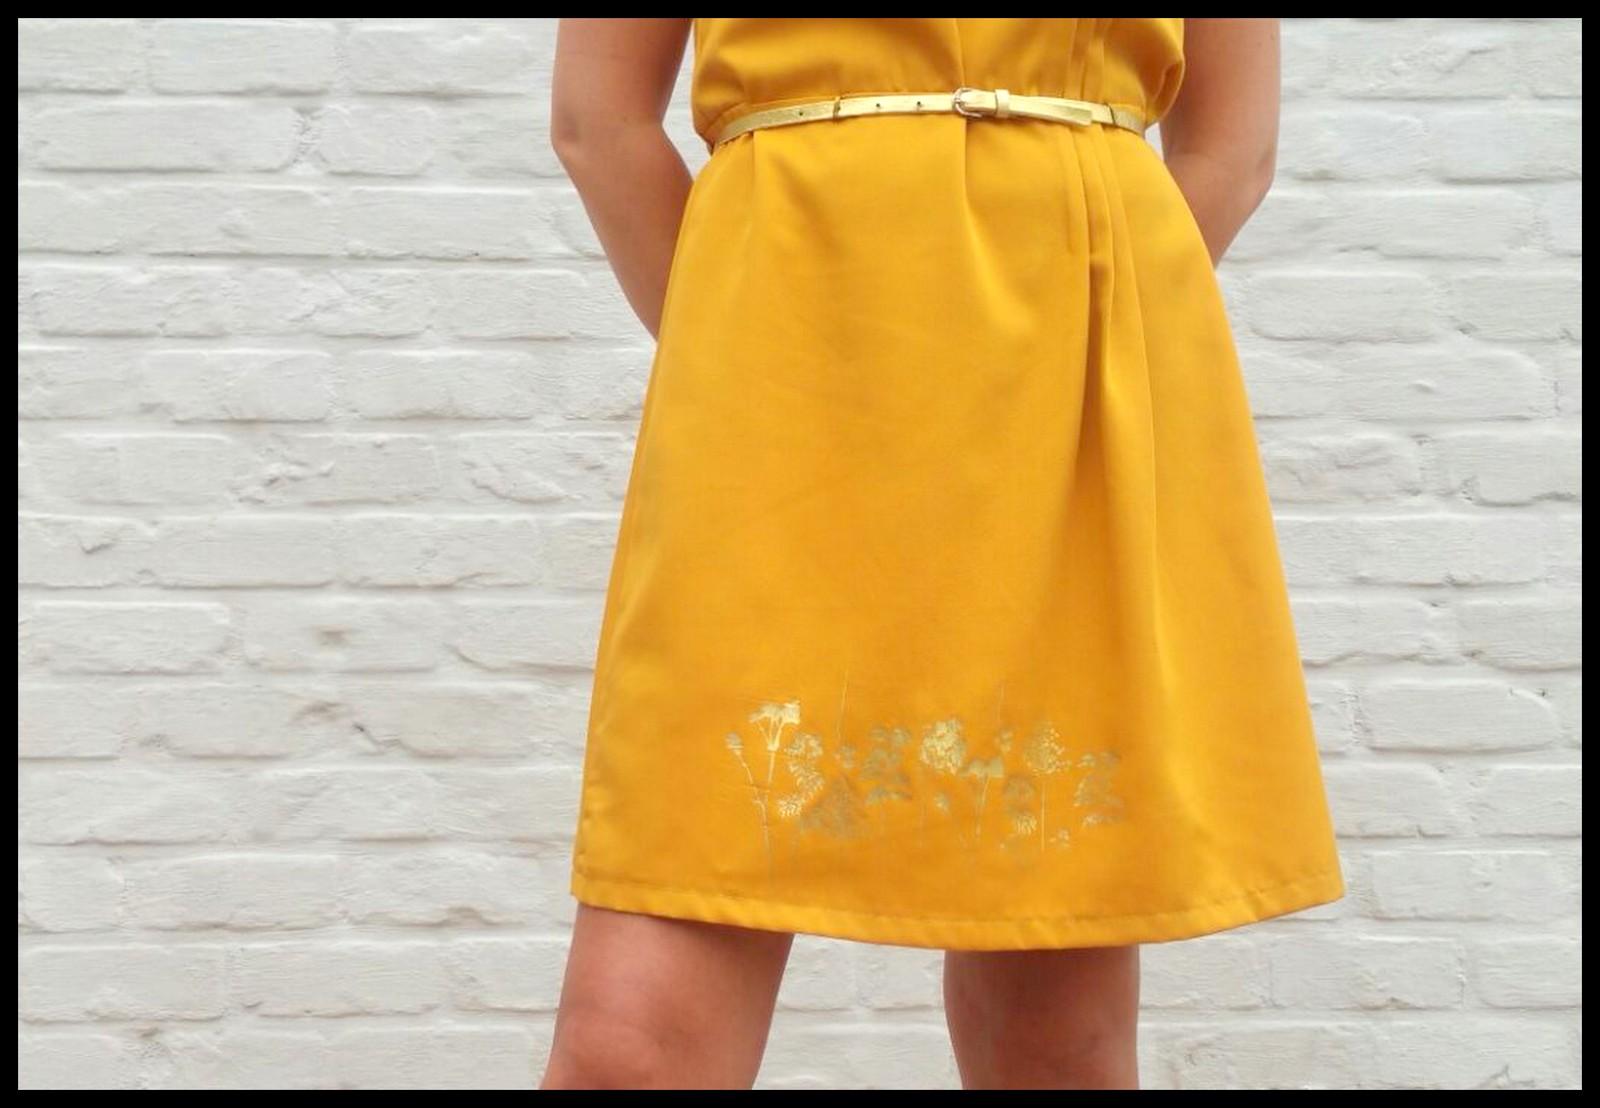 vuurdoorn (skirt)